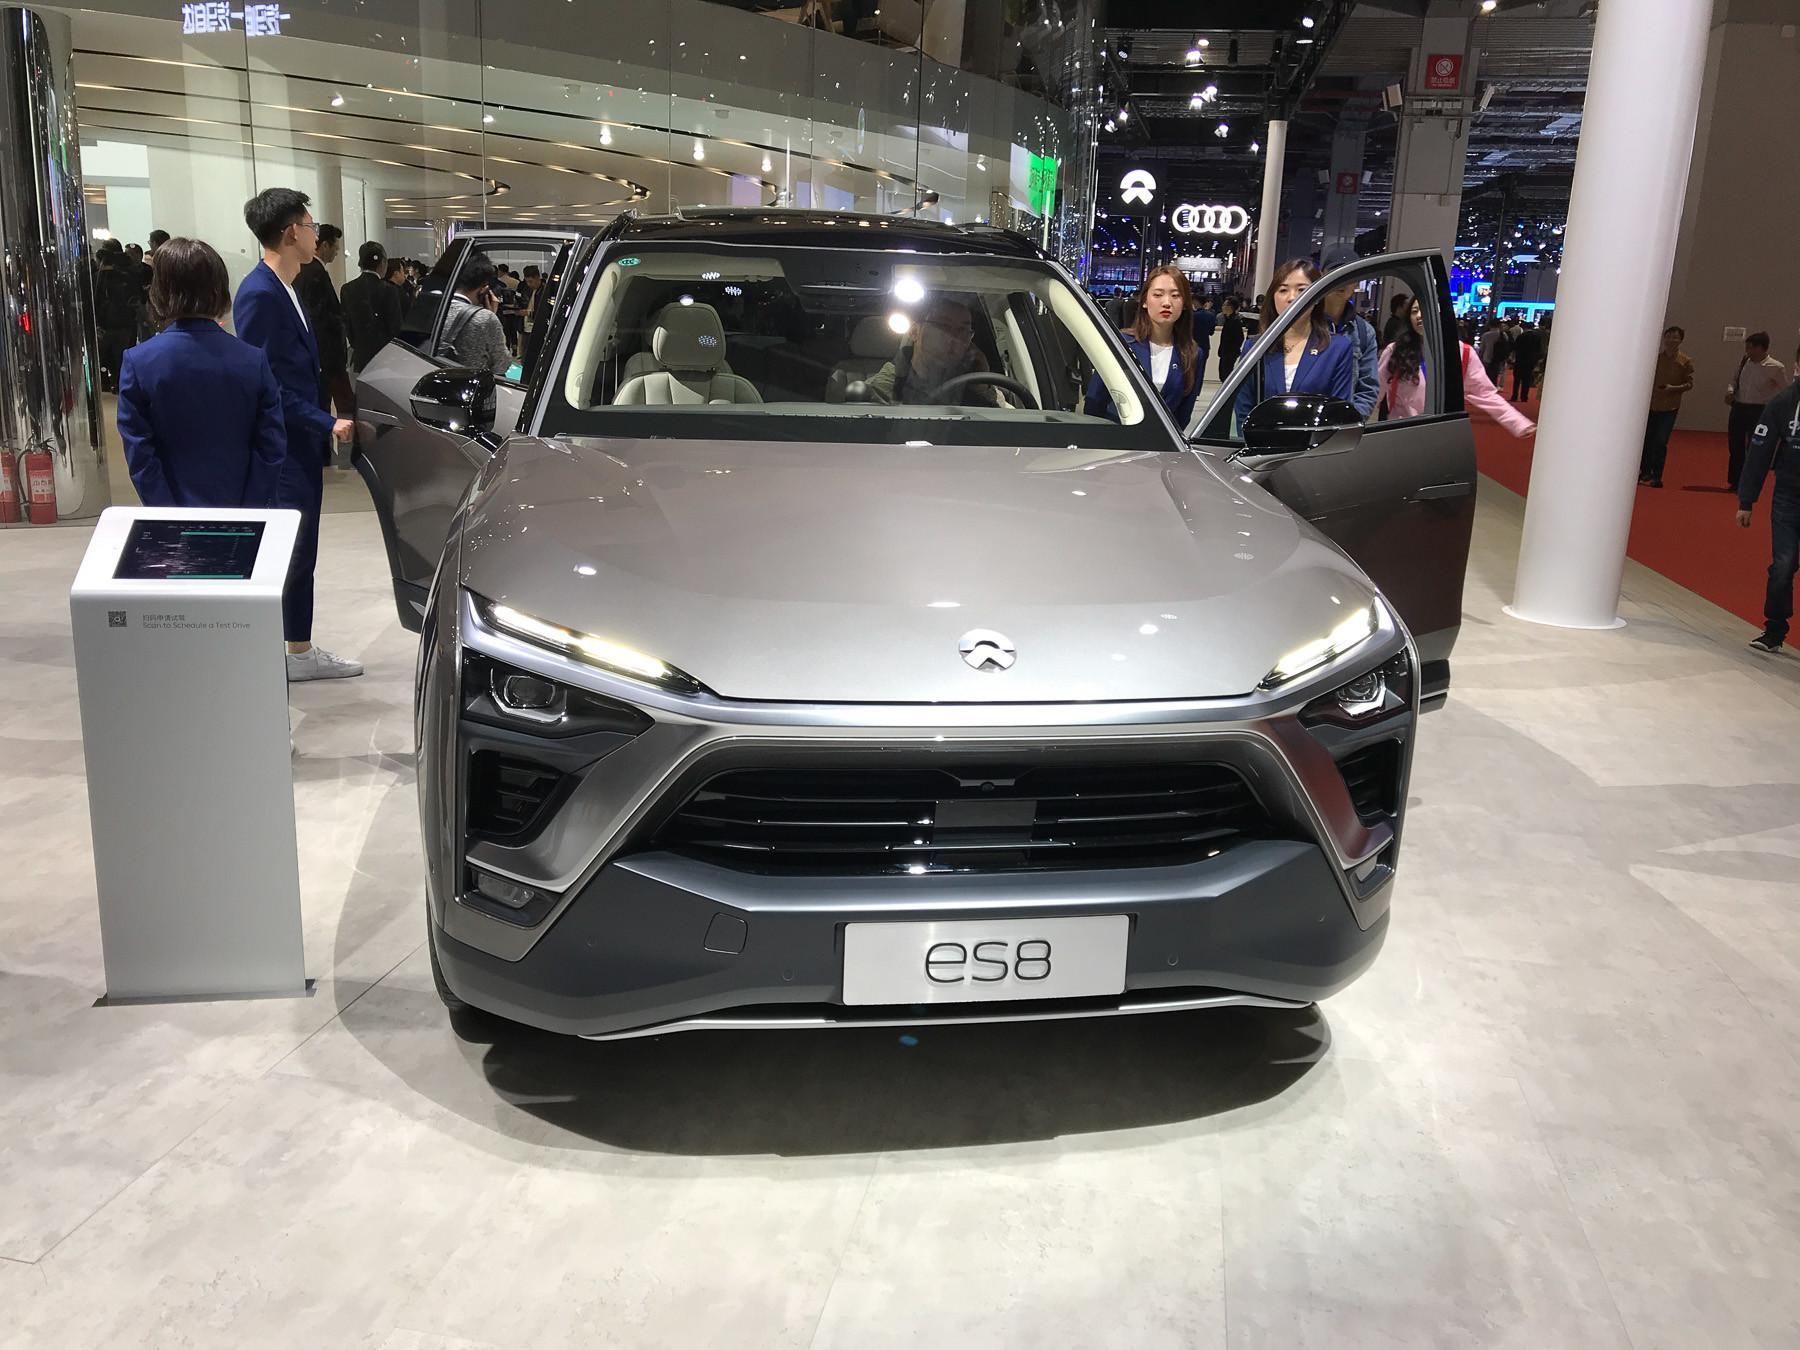 Представлены очень дорогие китайские автомобили  1